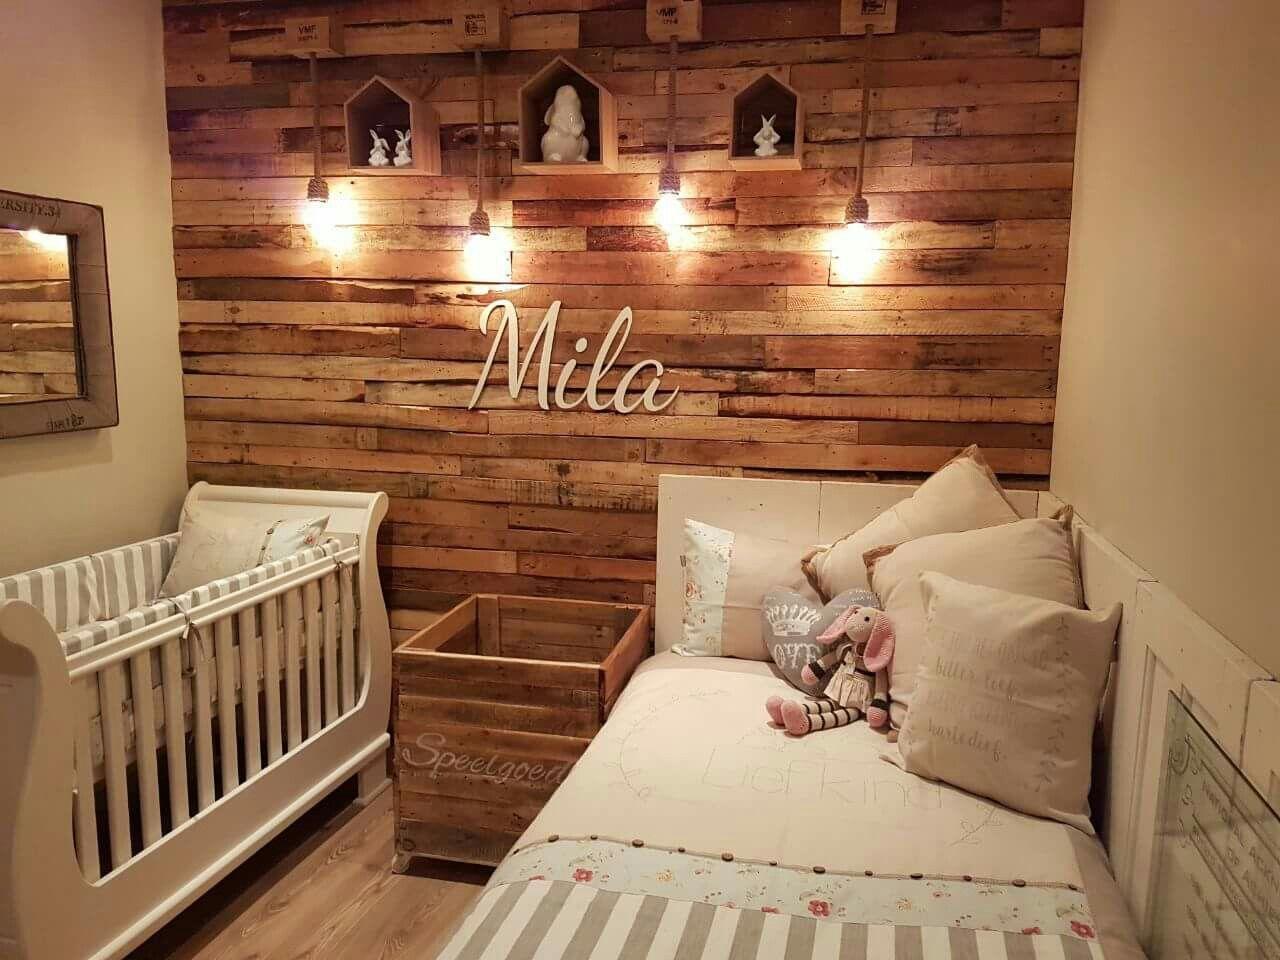 Pin By Lisa Mischelle Watts On Baby Room Girl Nursery Ideas Diy